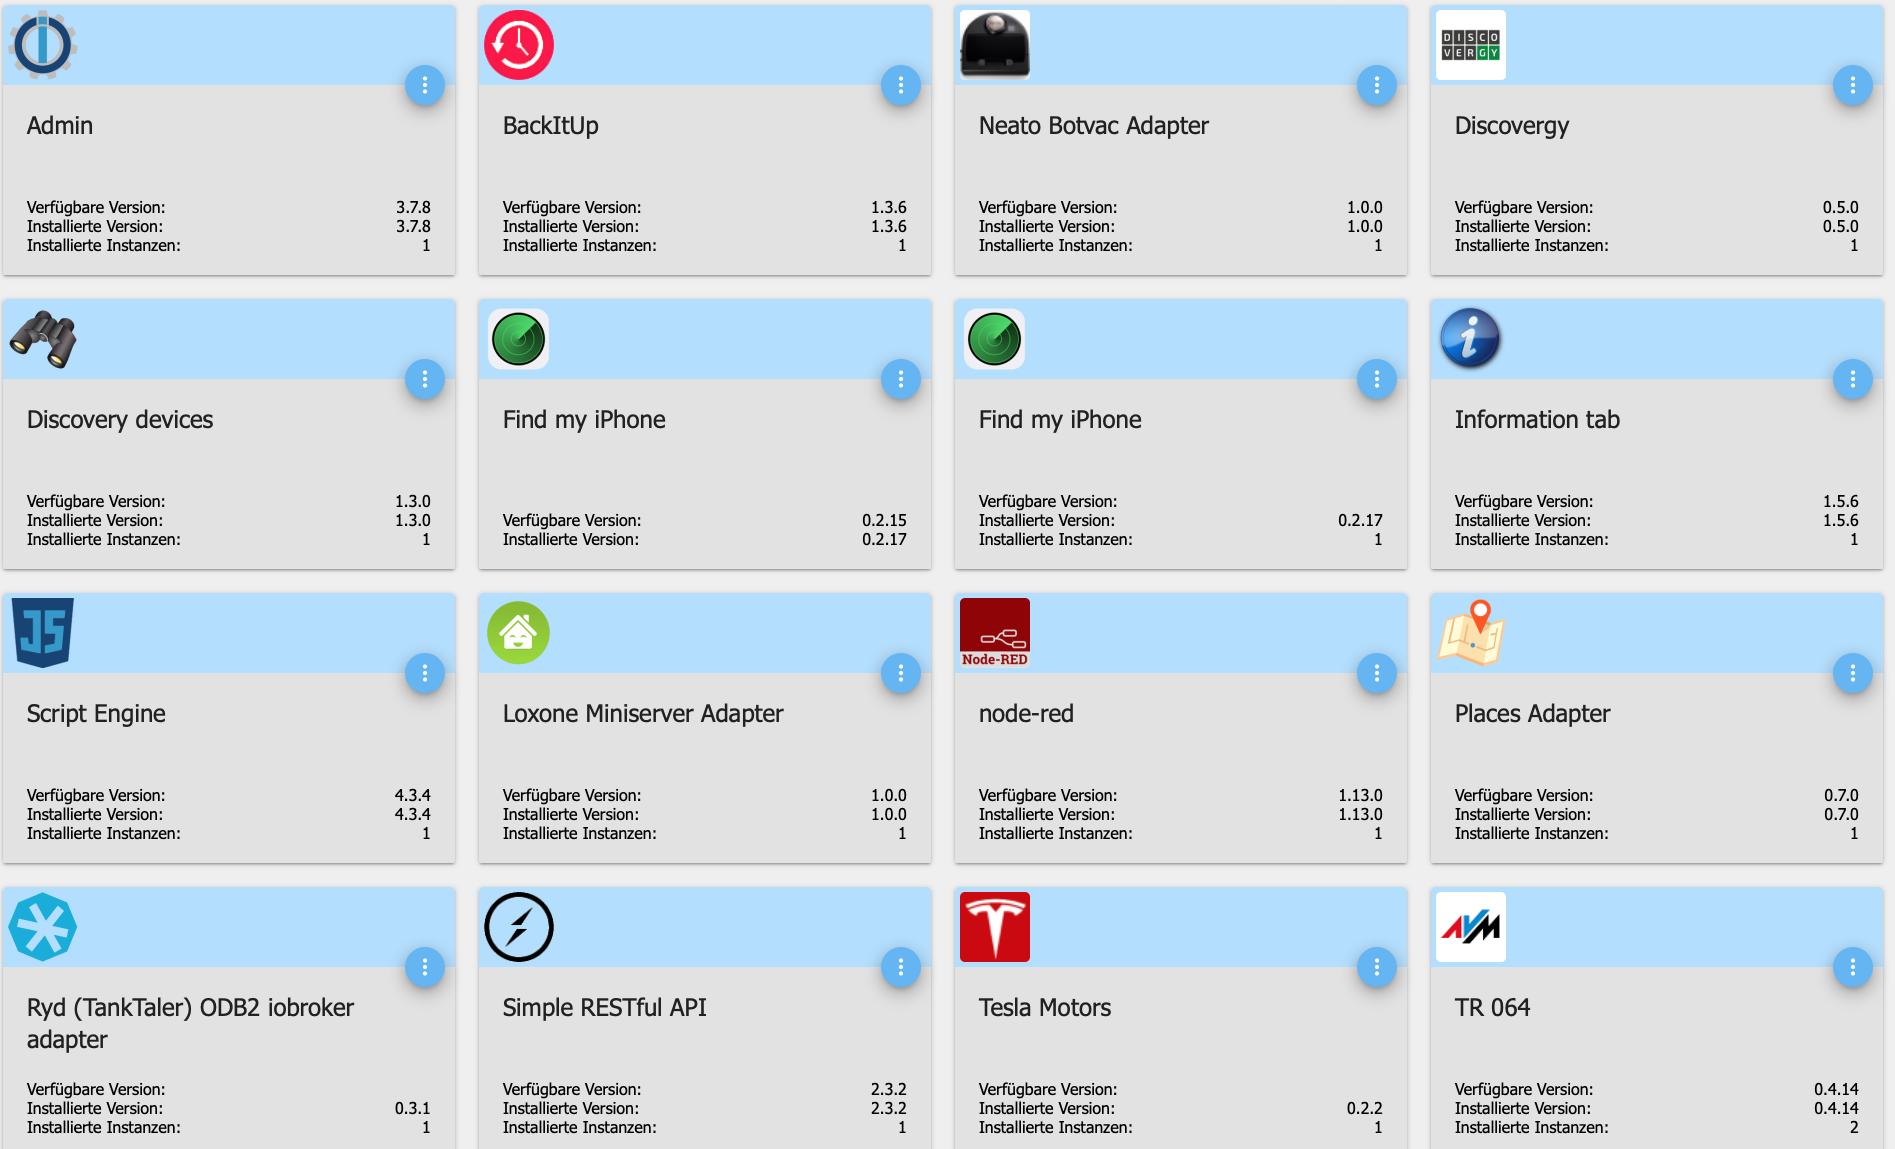 Bildschirmfoto 2020-03-08 um 10.36.10